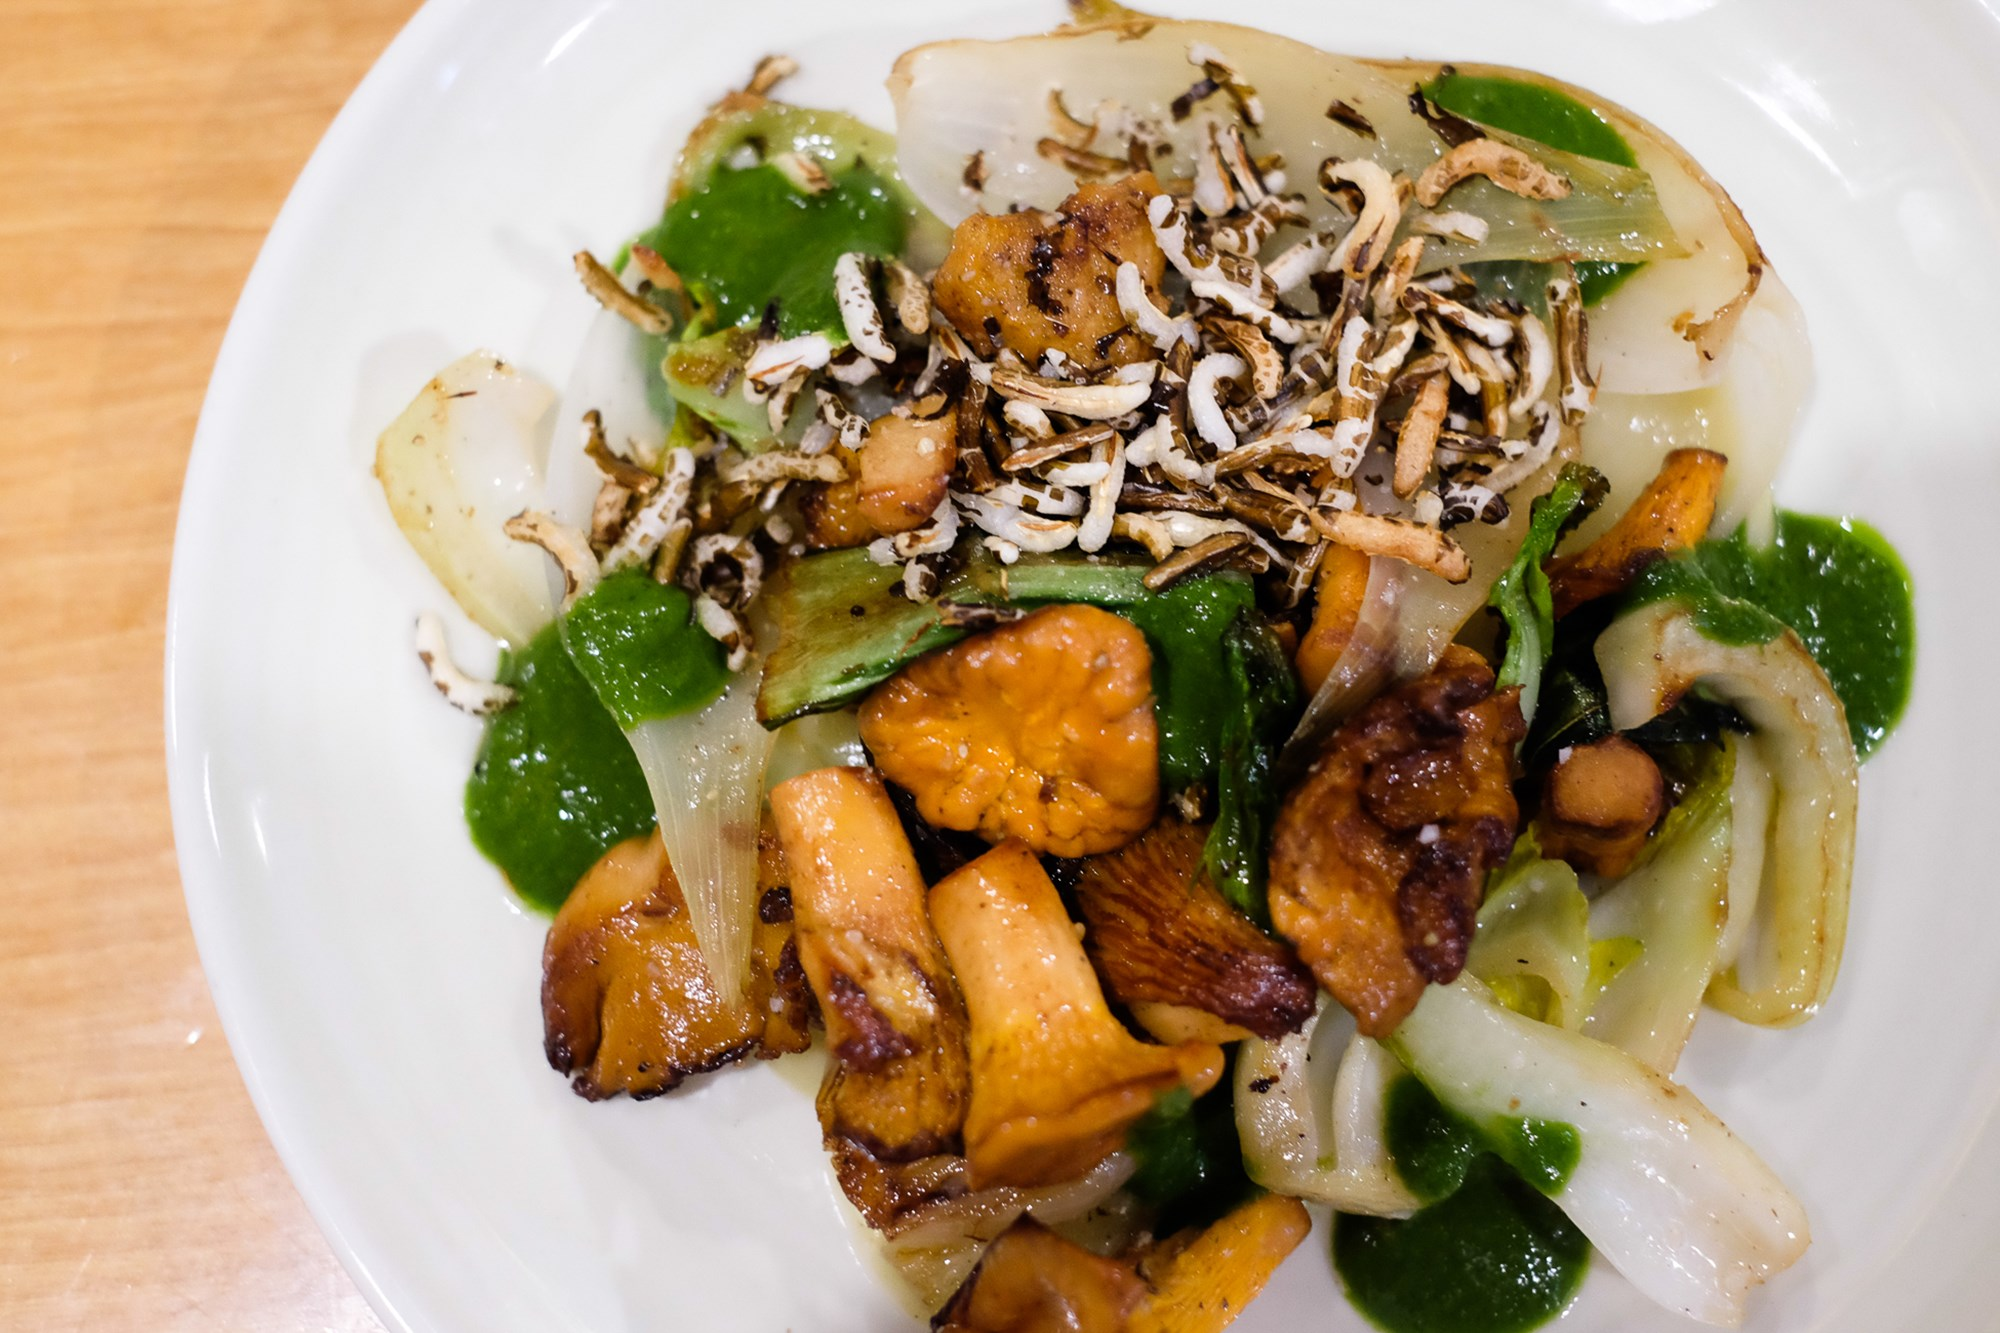 Rebozuelo con arroz inflado y 'pak choi'.